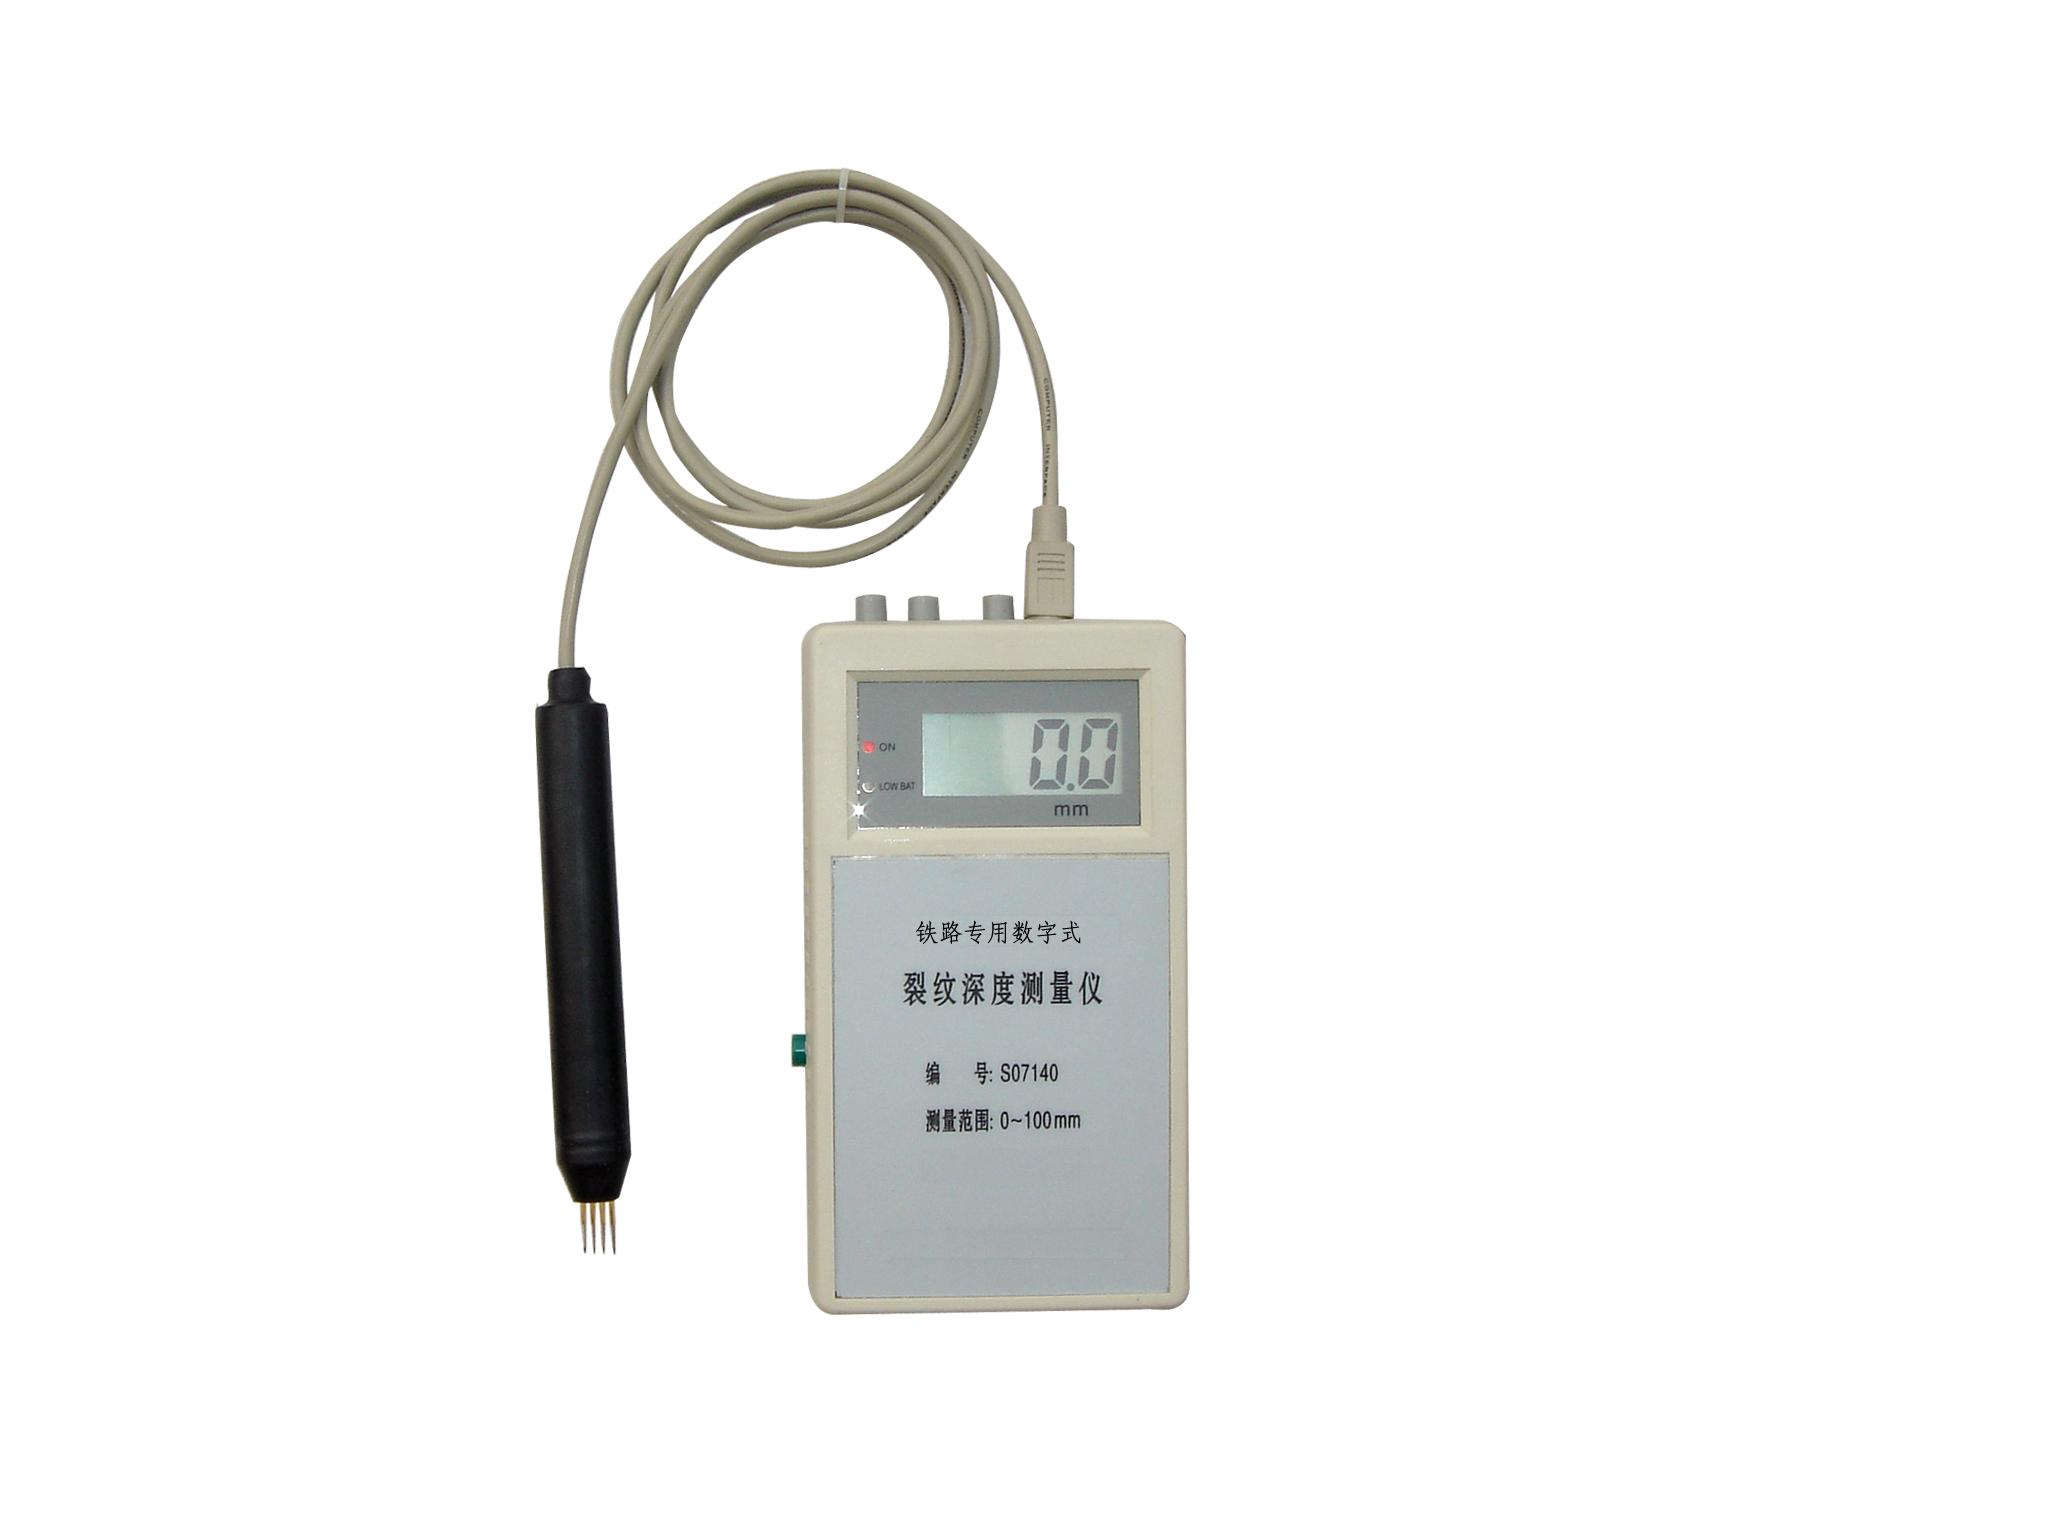 裂纹深度测量仪(透明)